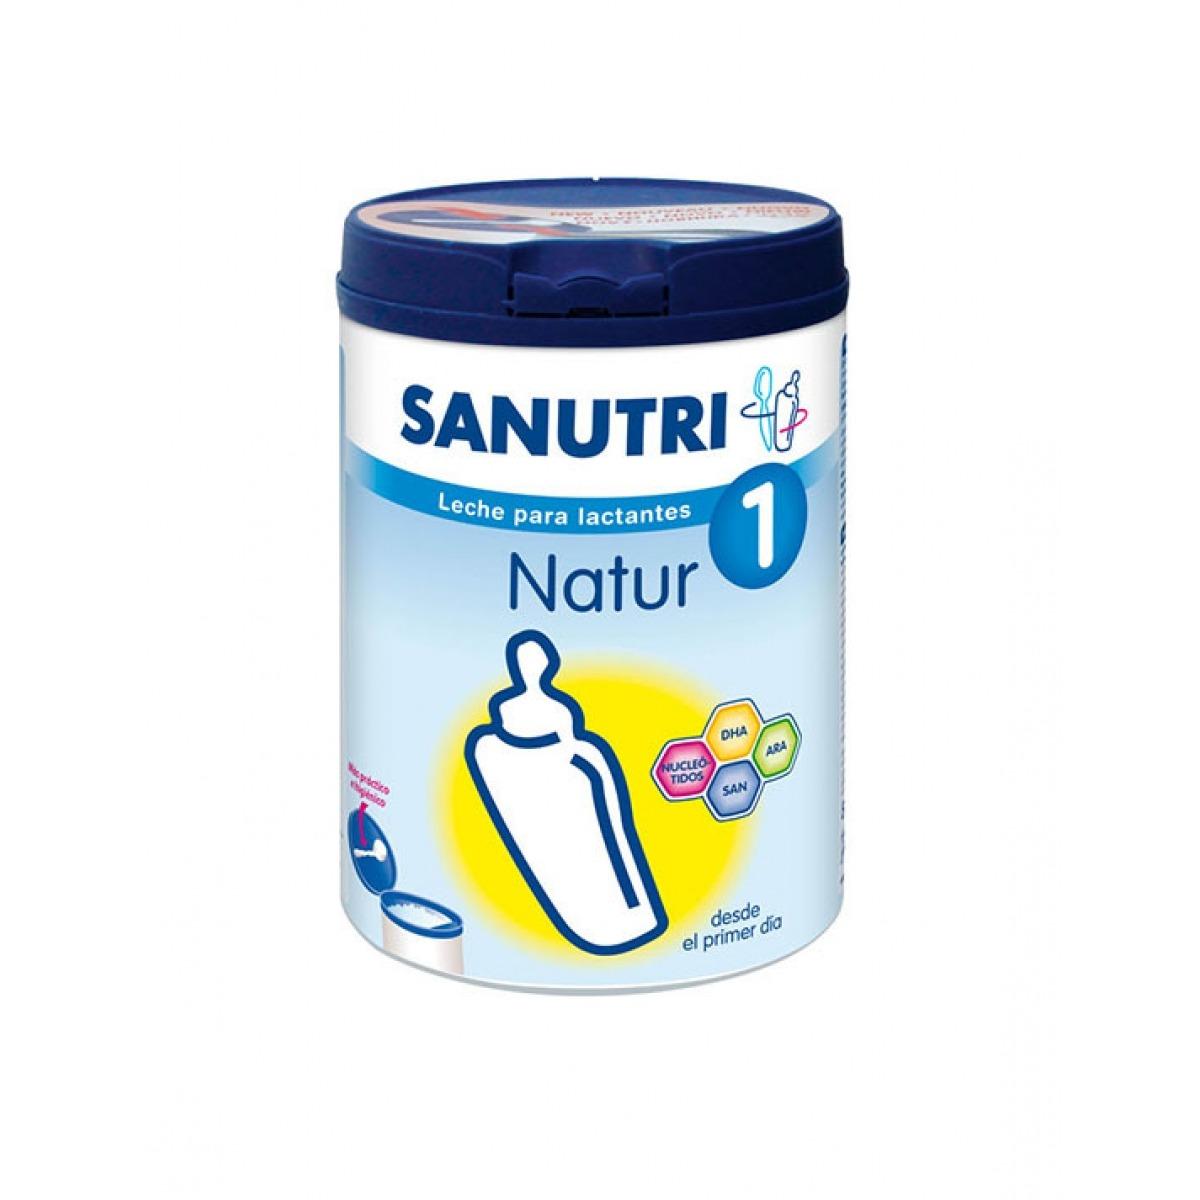 SANUTRI NATUR 1 800 G.